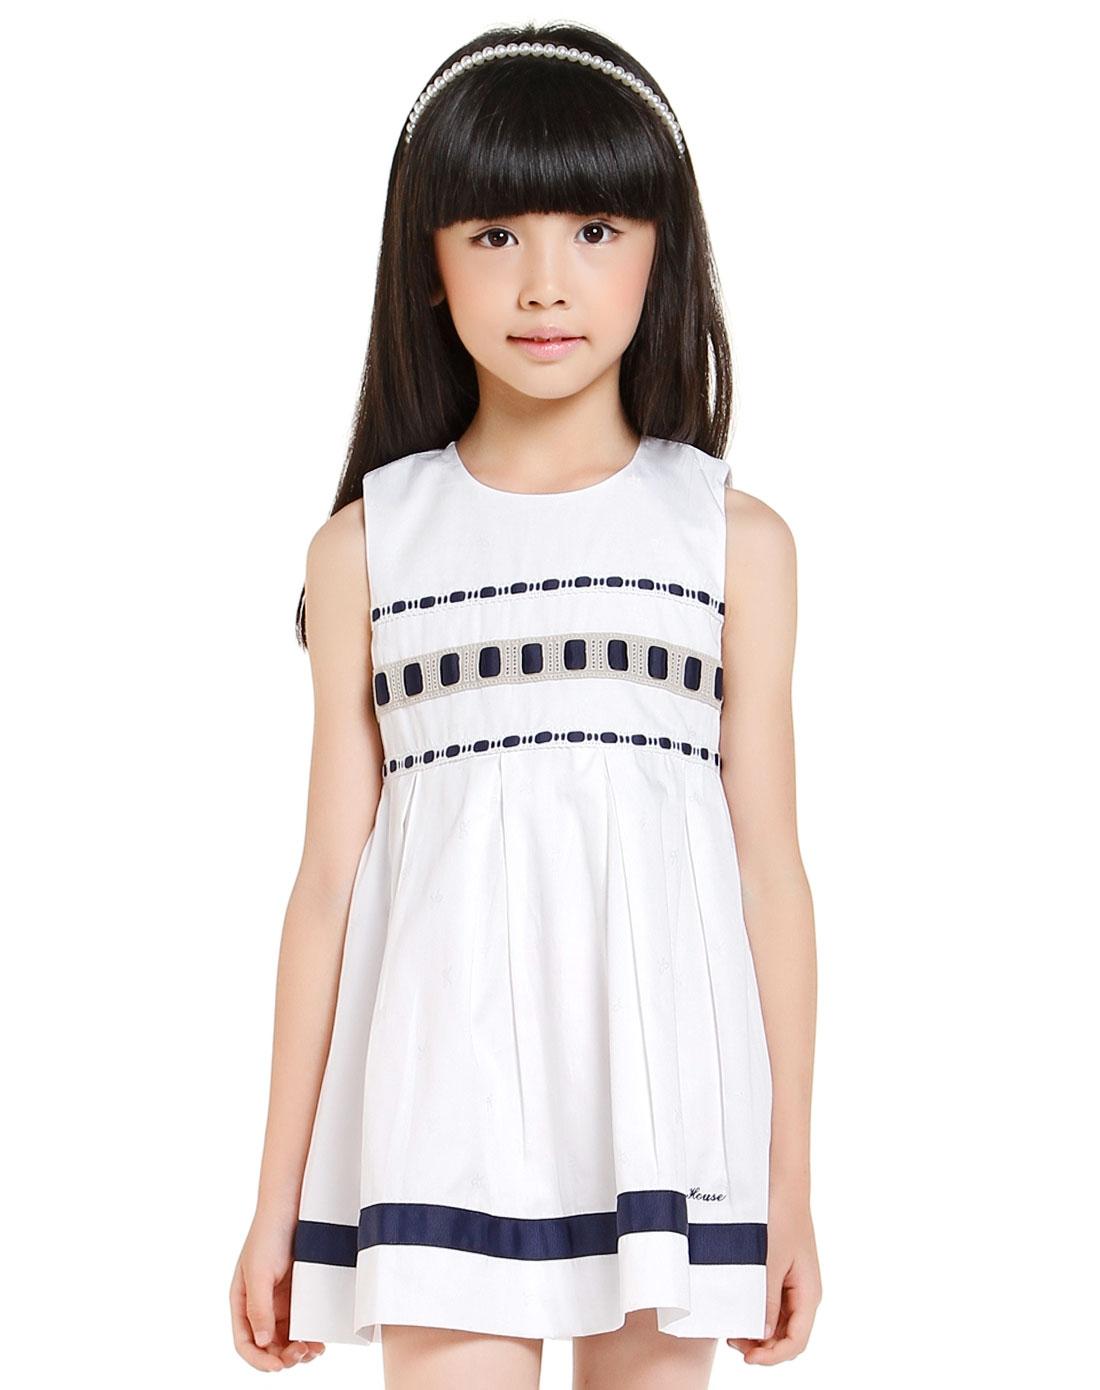 无袖跺(h��ފ9_女童气质可爱白色无袖连衣裙